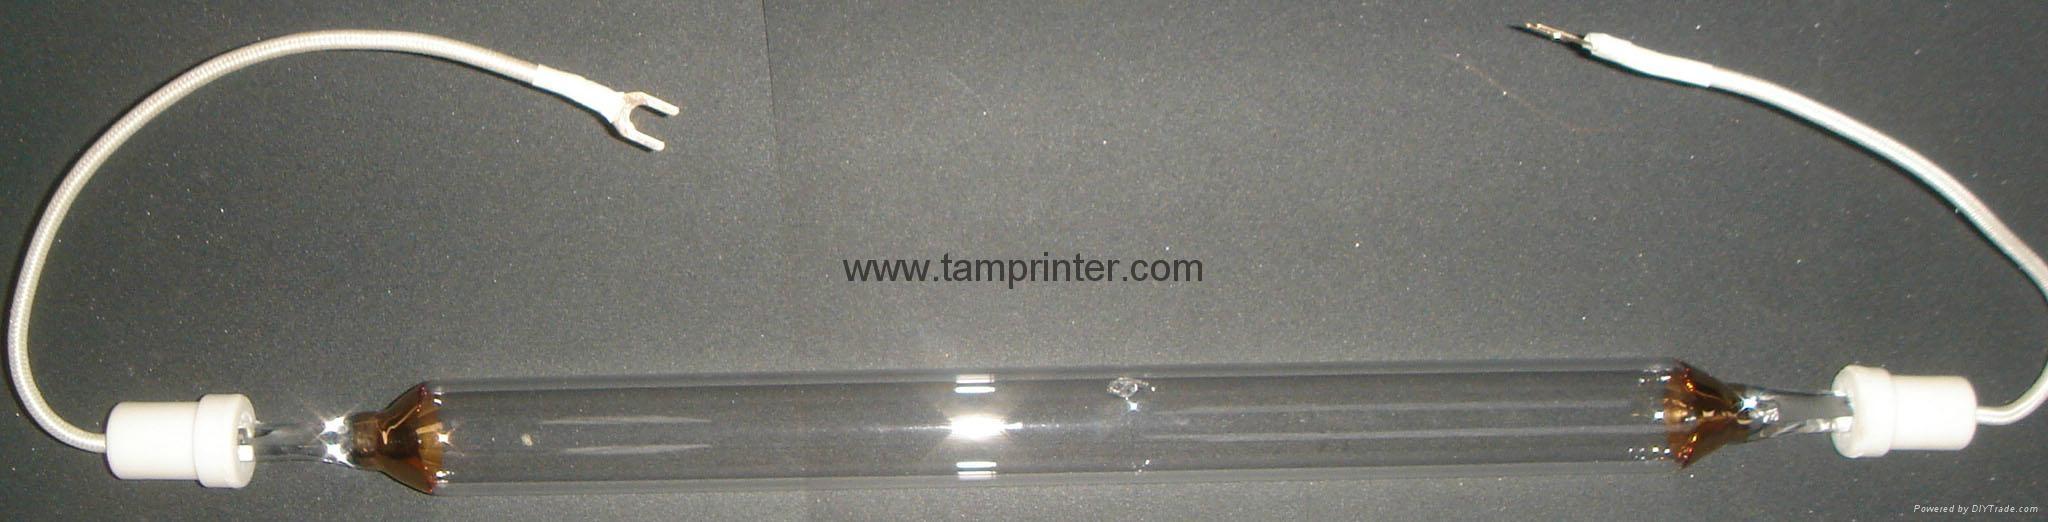 碘鎵燈晒版燈鎮流器變壓器和熱觸發器UV汞燈 12